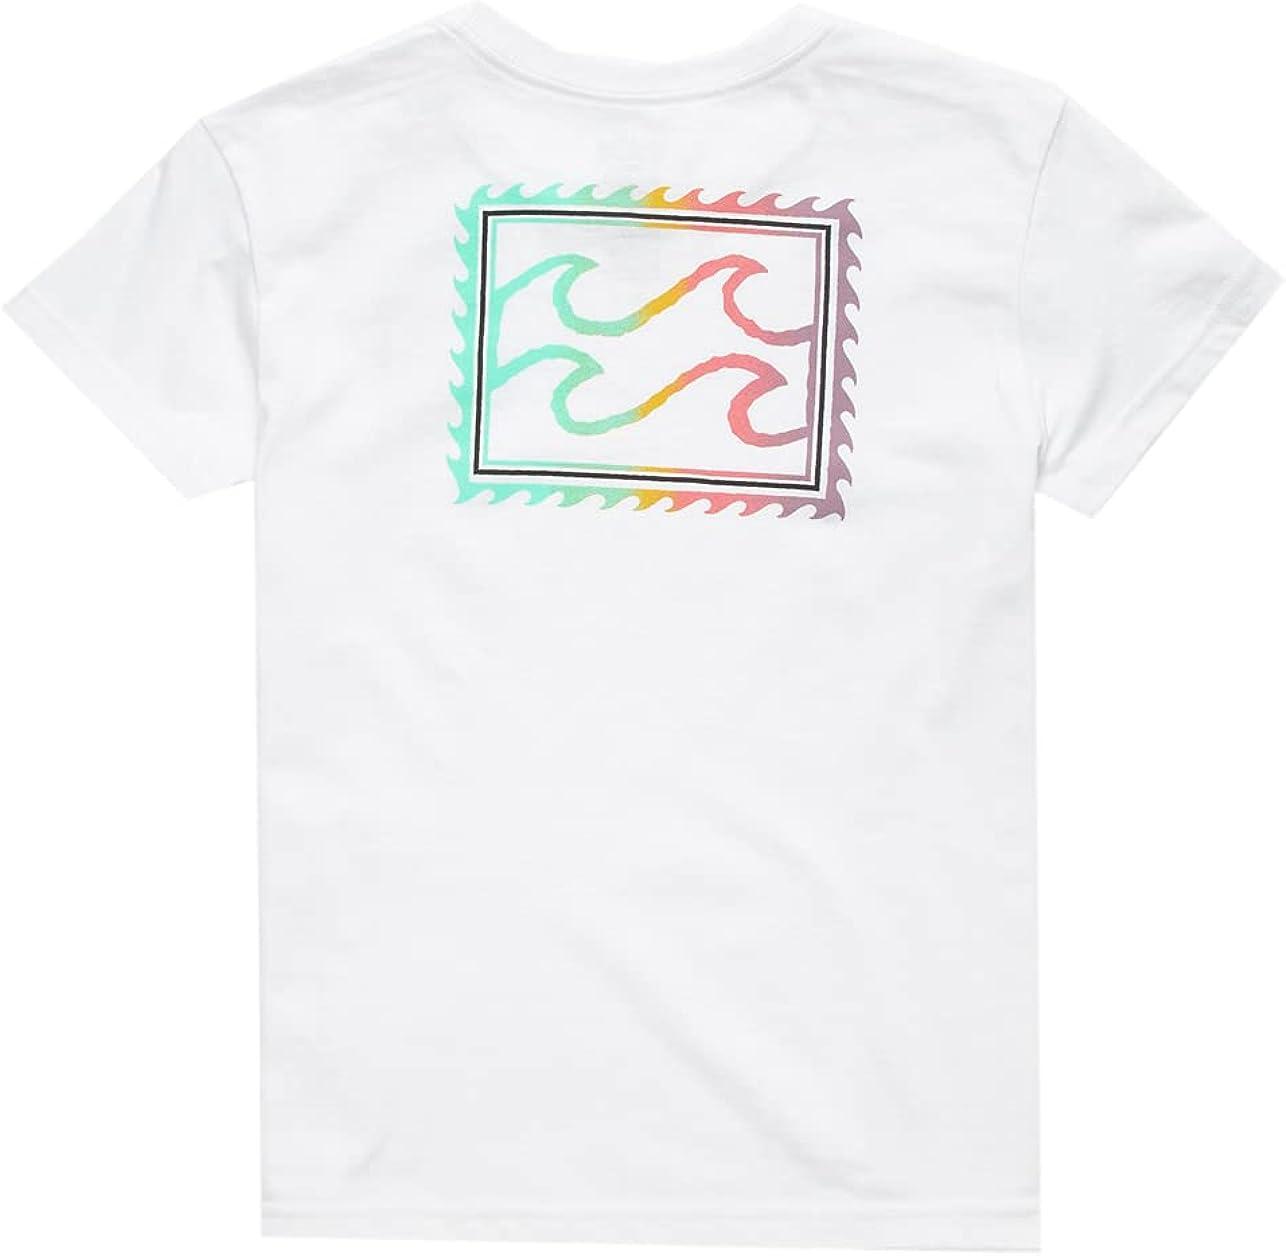 Billabong Crayon Wave Little Boys T-Shirt (4-7)